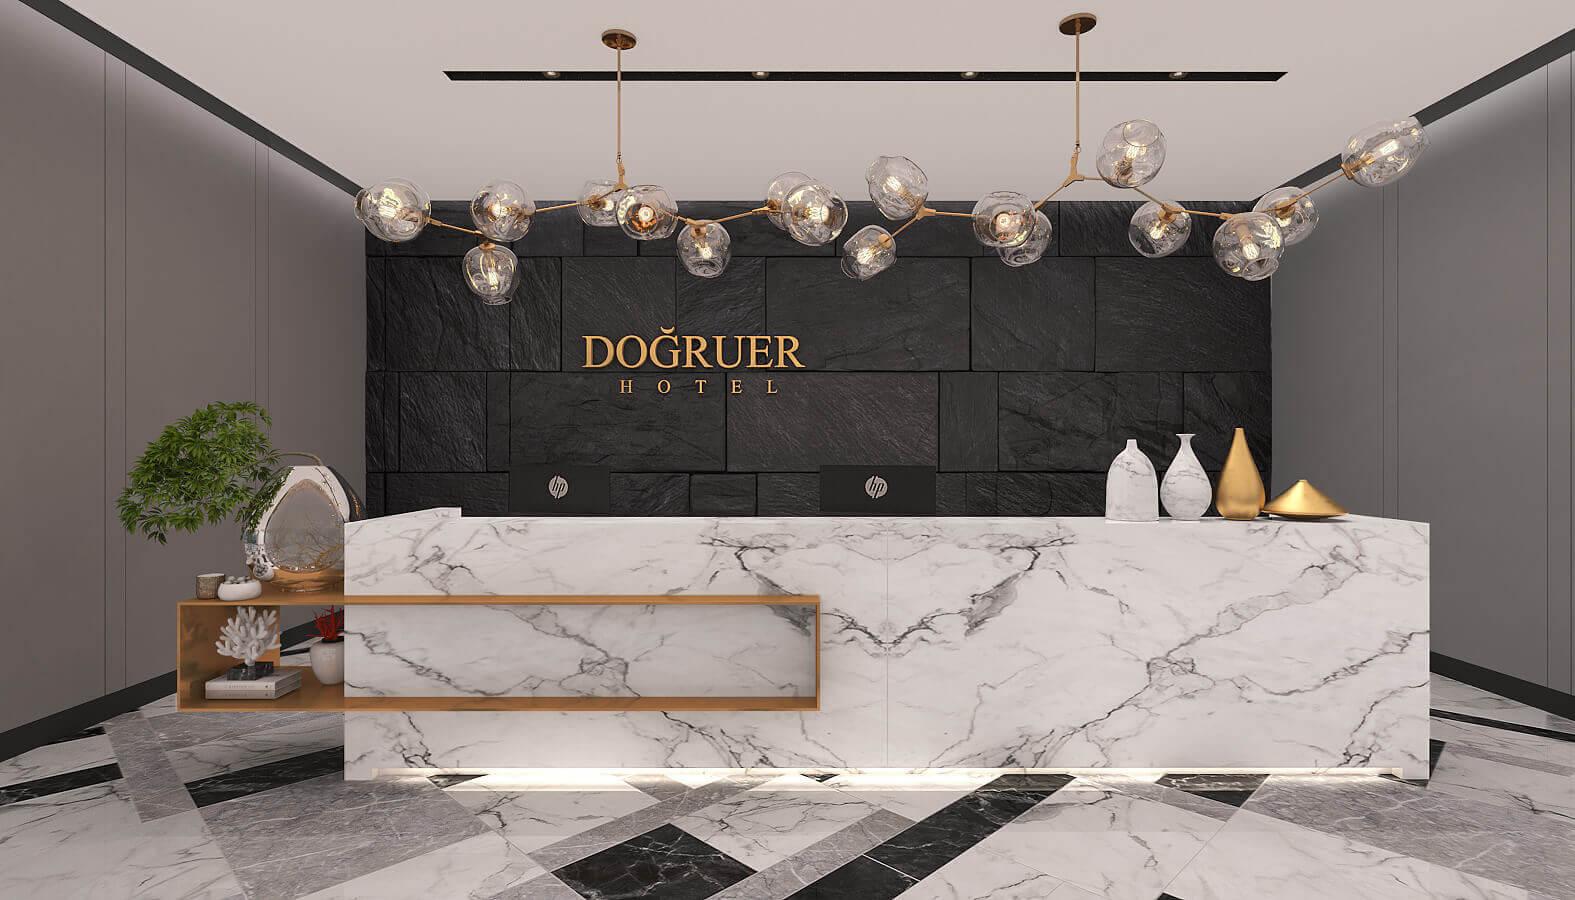 hotel architect 3578 Dogruer hotel Hotels